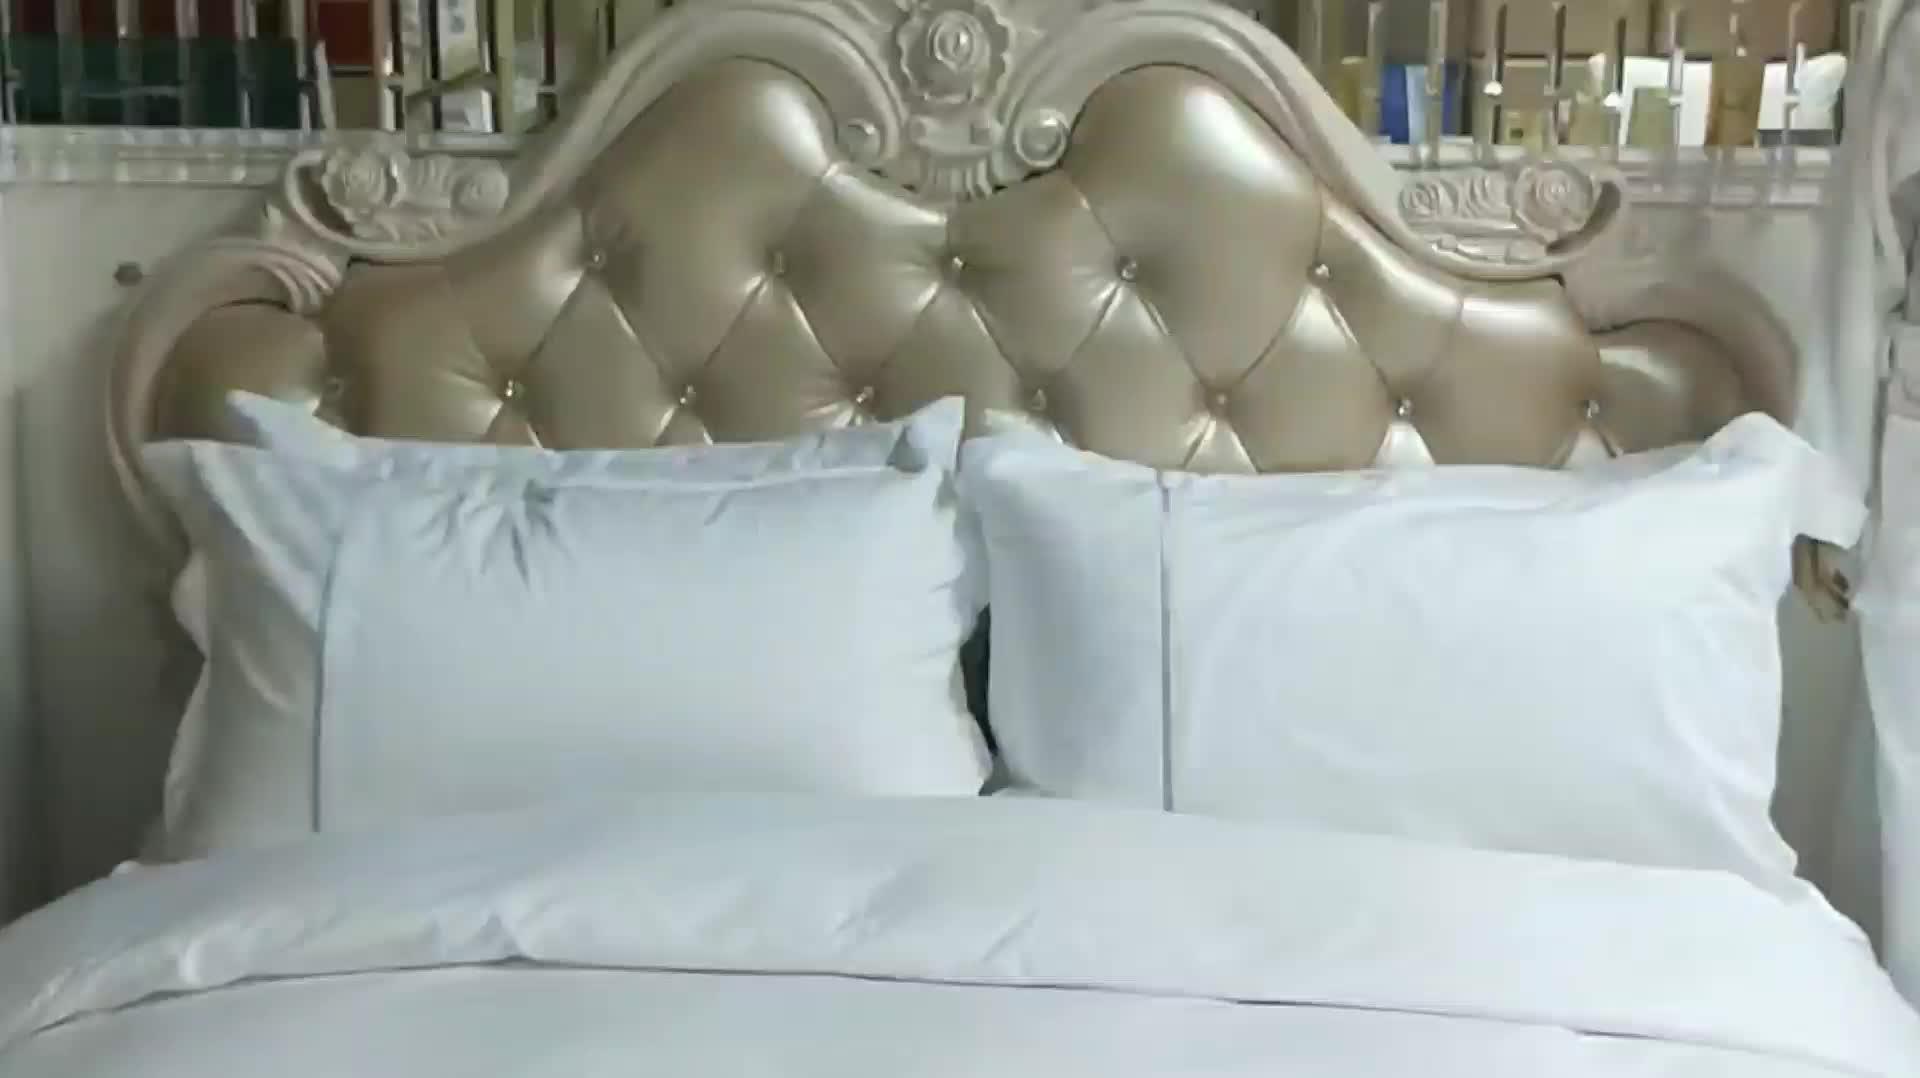 ホテルのベッドシーツ工場卸売現代ホテル白の二重刺繍スーパーキングキルトカバーセット